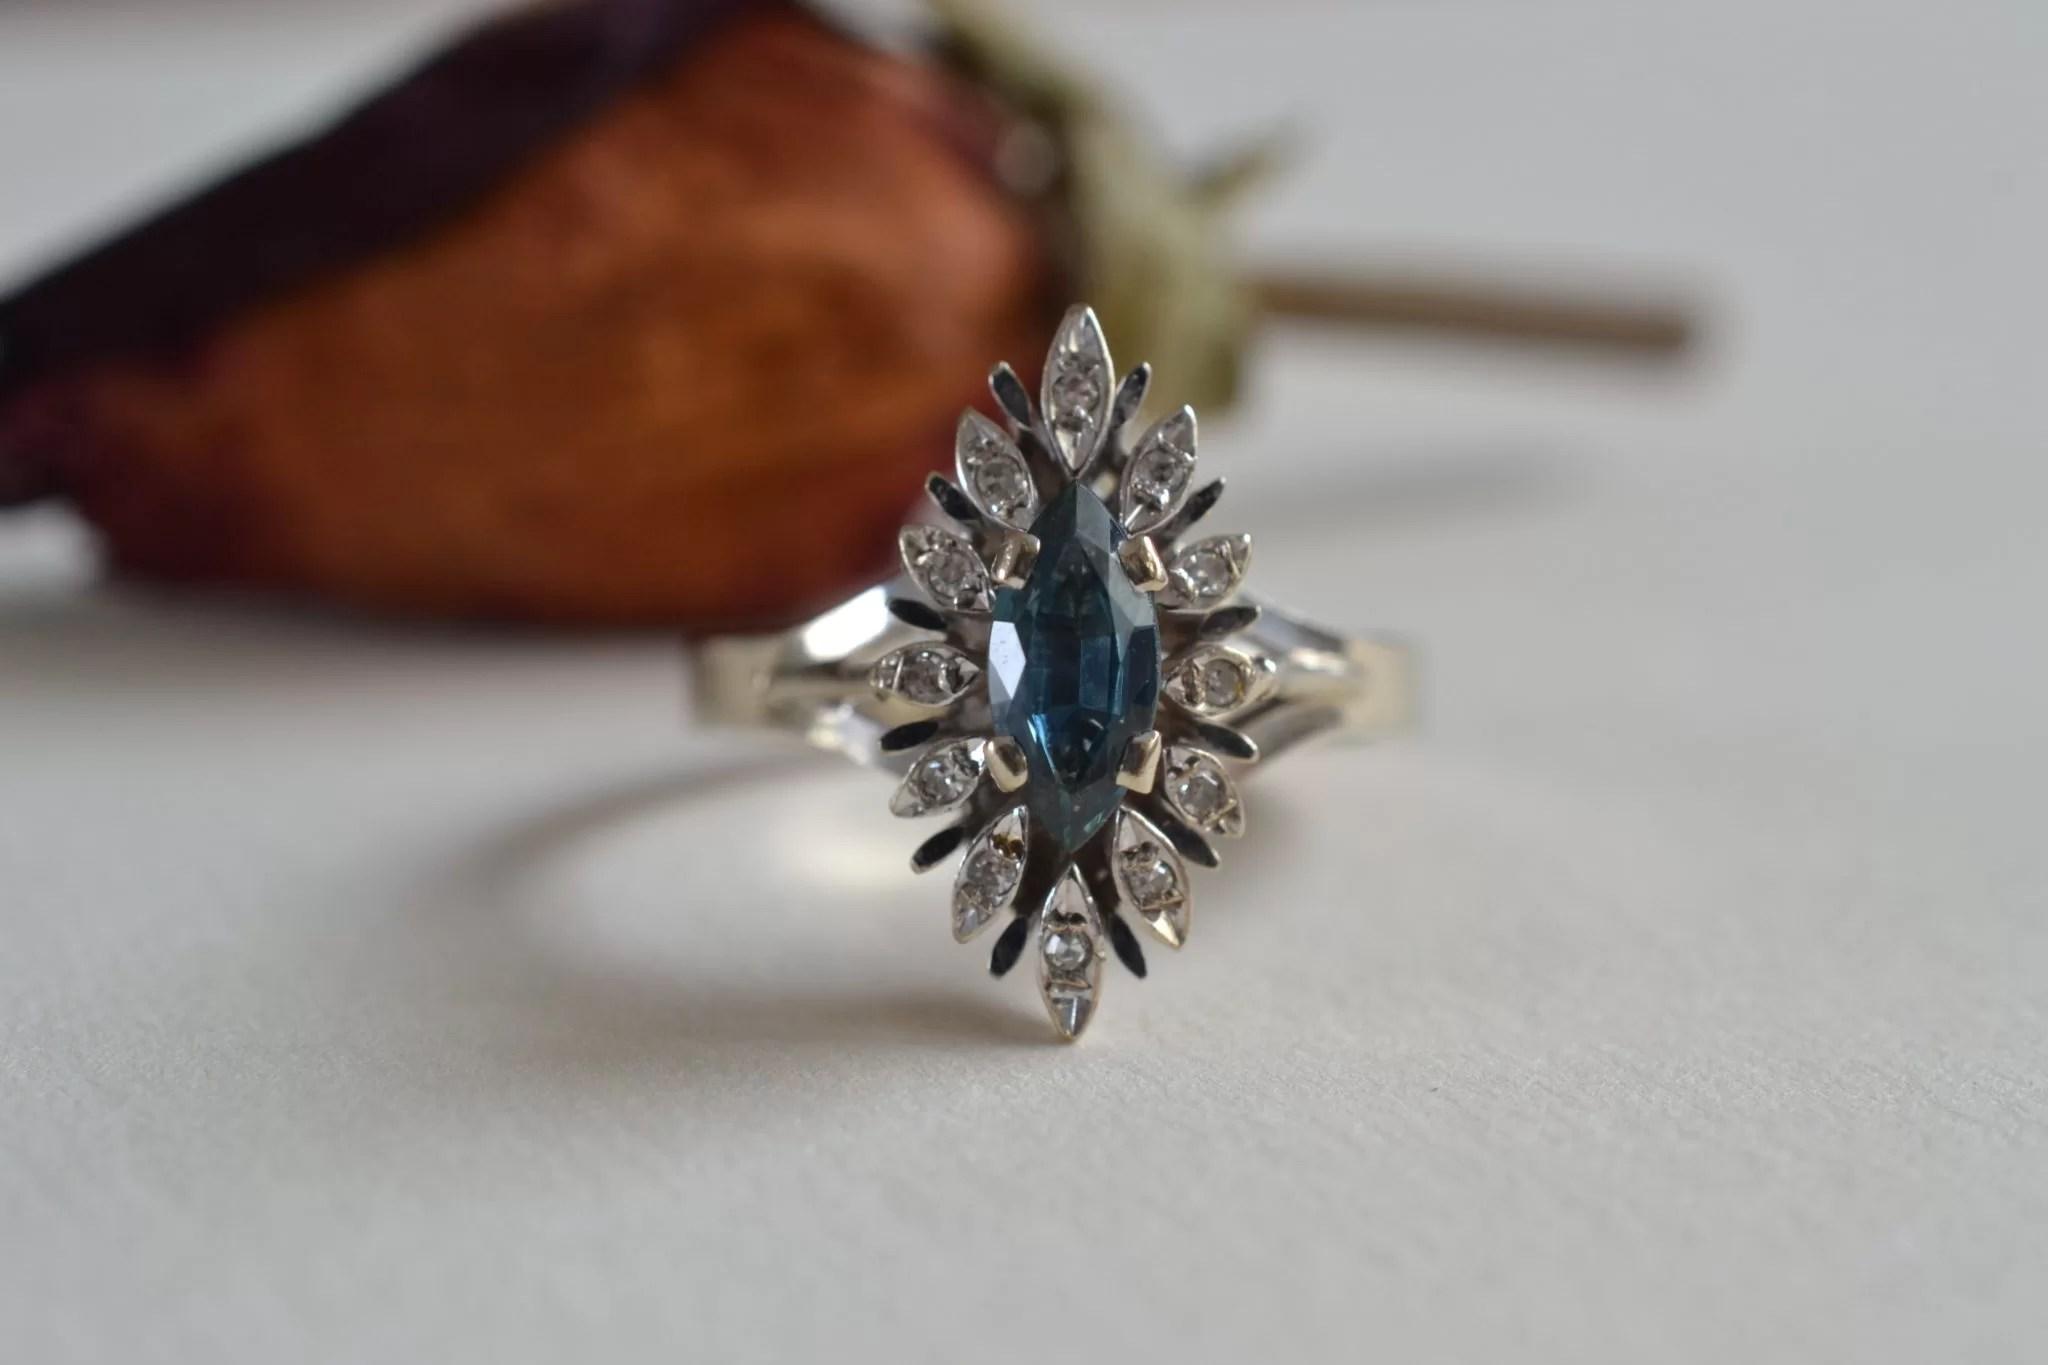 Bague en or gris de forme navette ornée d'une tourmaline bleue entourée de diamants - Bijoux vintage en or - Bague de fiançailles occasion - mariage